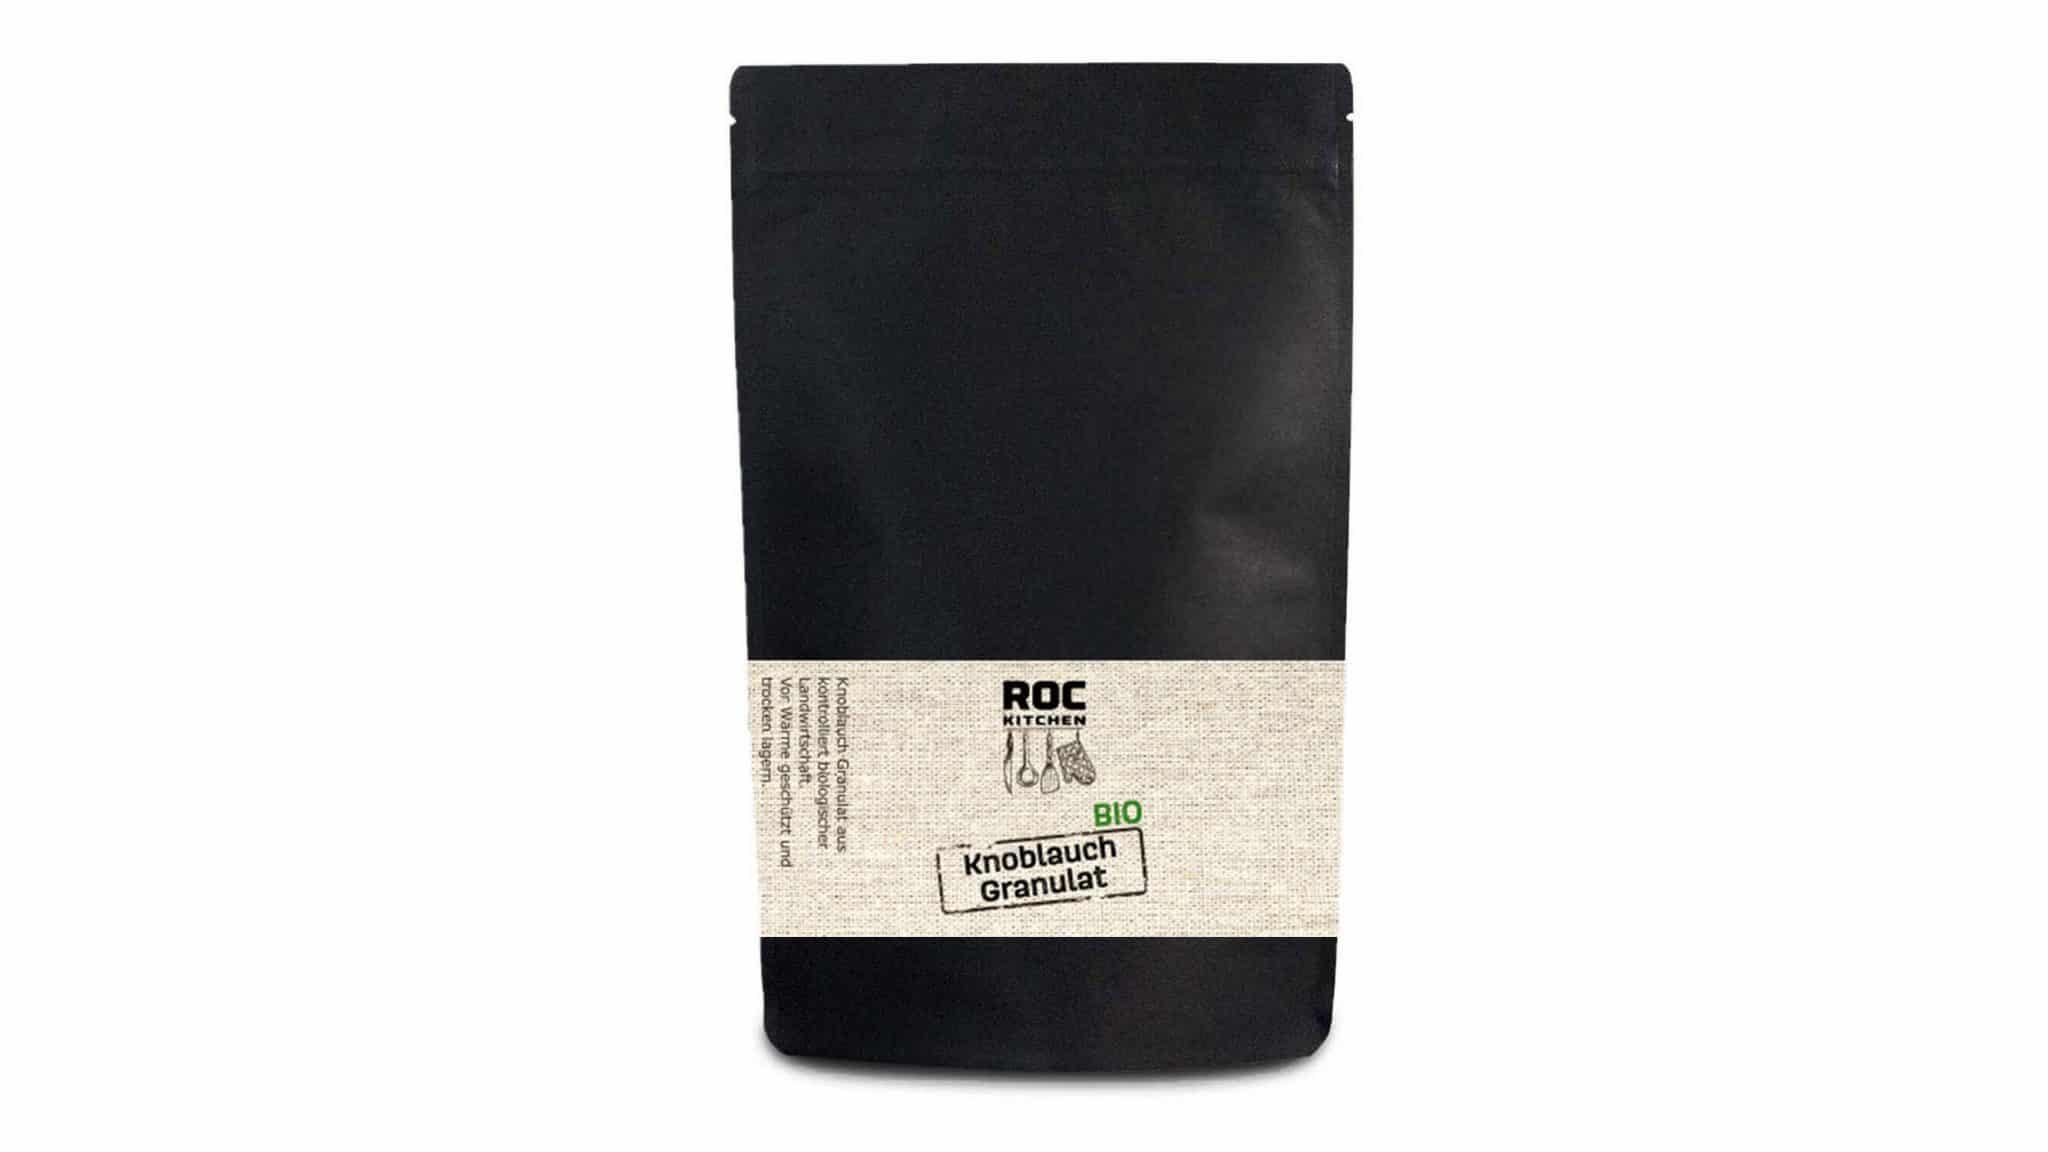 ROC-Kitchen Bio Knoblauch-Granulat